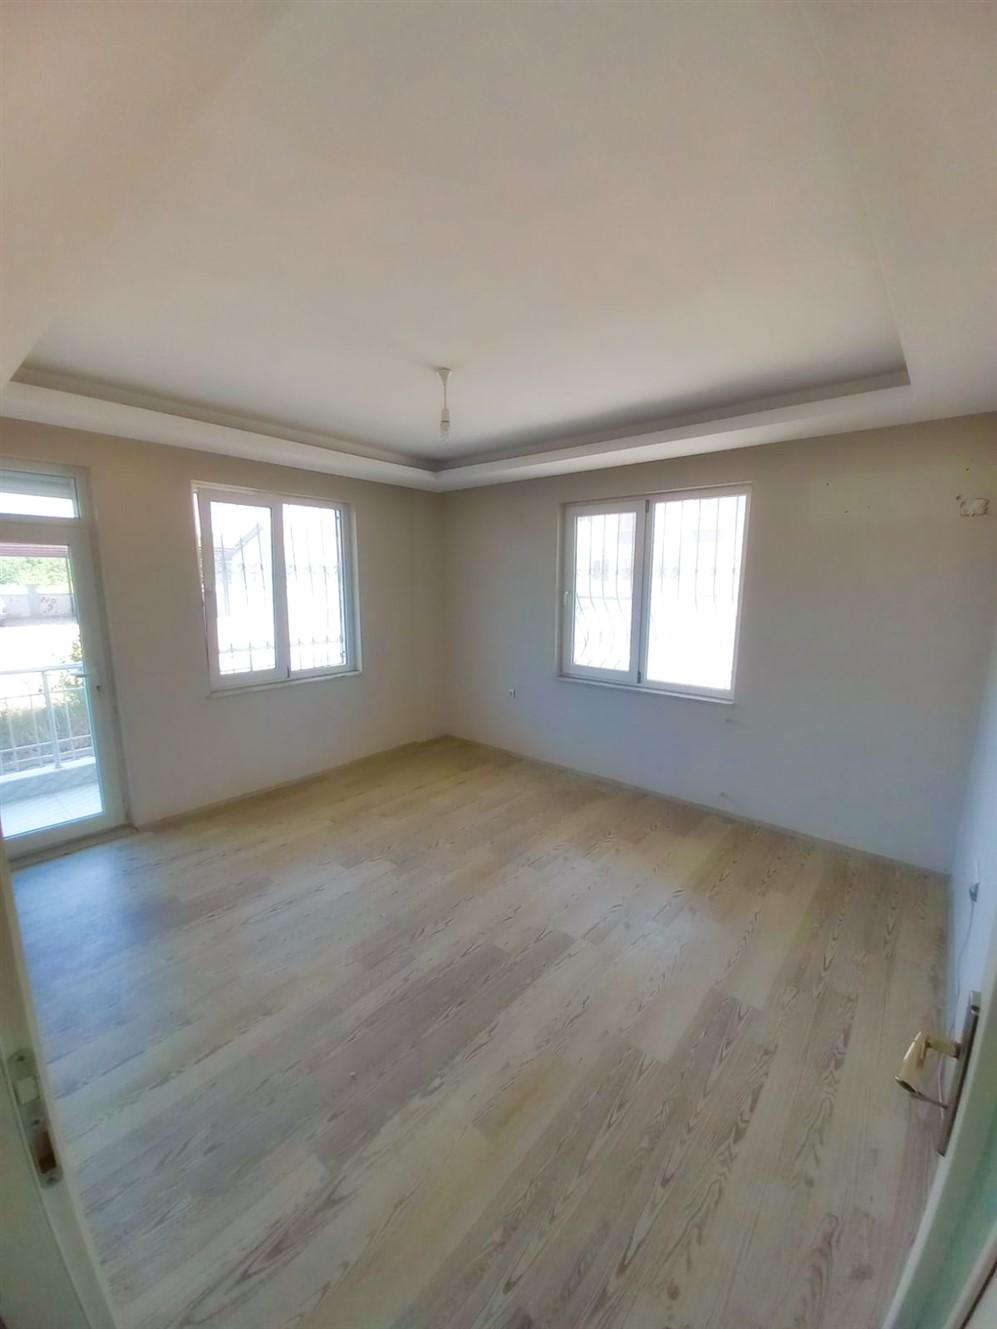 Трёхкомнатная квартира в районе Кепез по очень выгодной цене - Фото 5